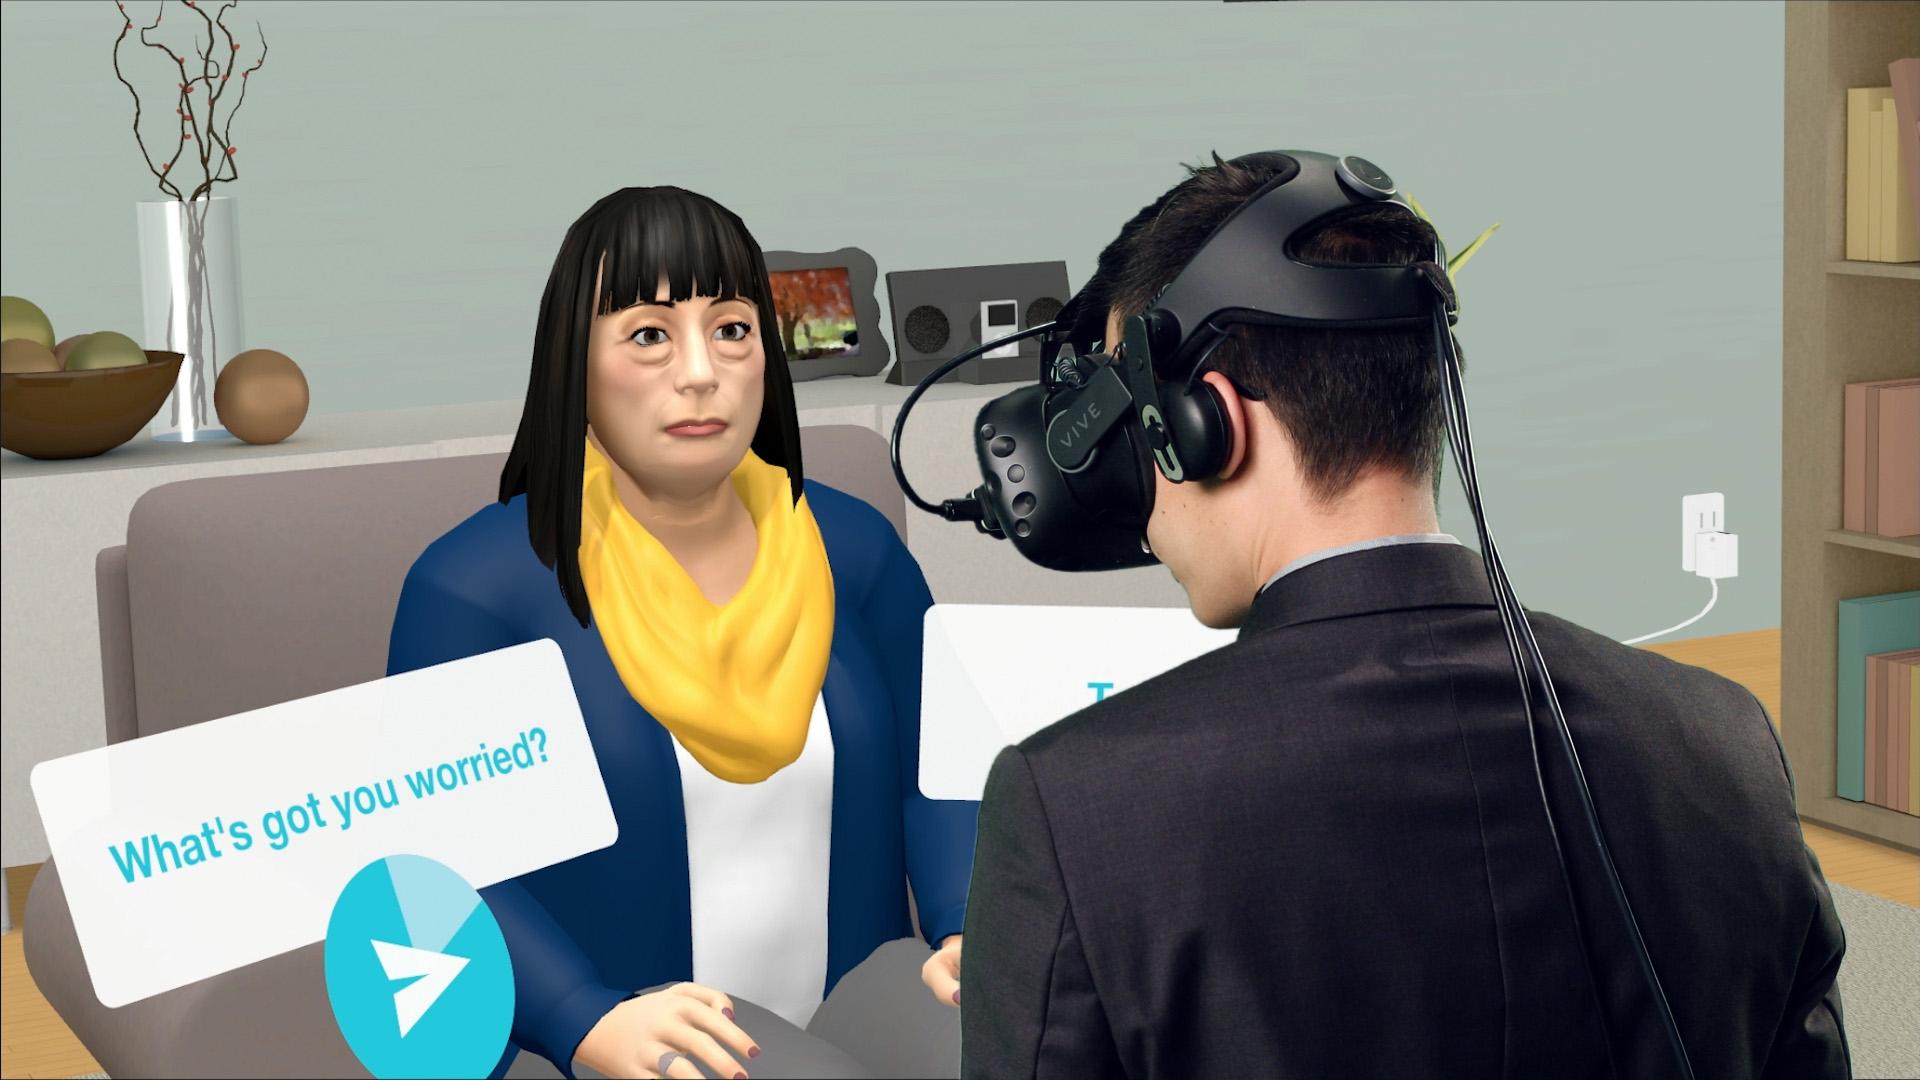 axs-studio-medical-congress-booth-interactive-vr-patient-kidney-disease-trailer-01